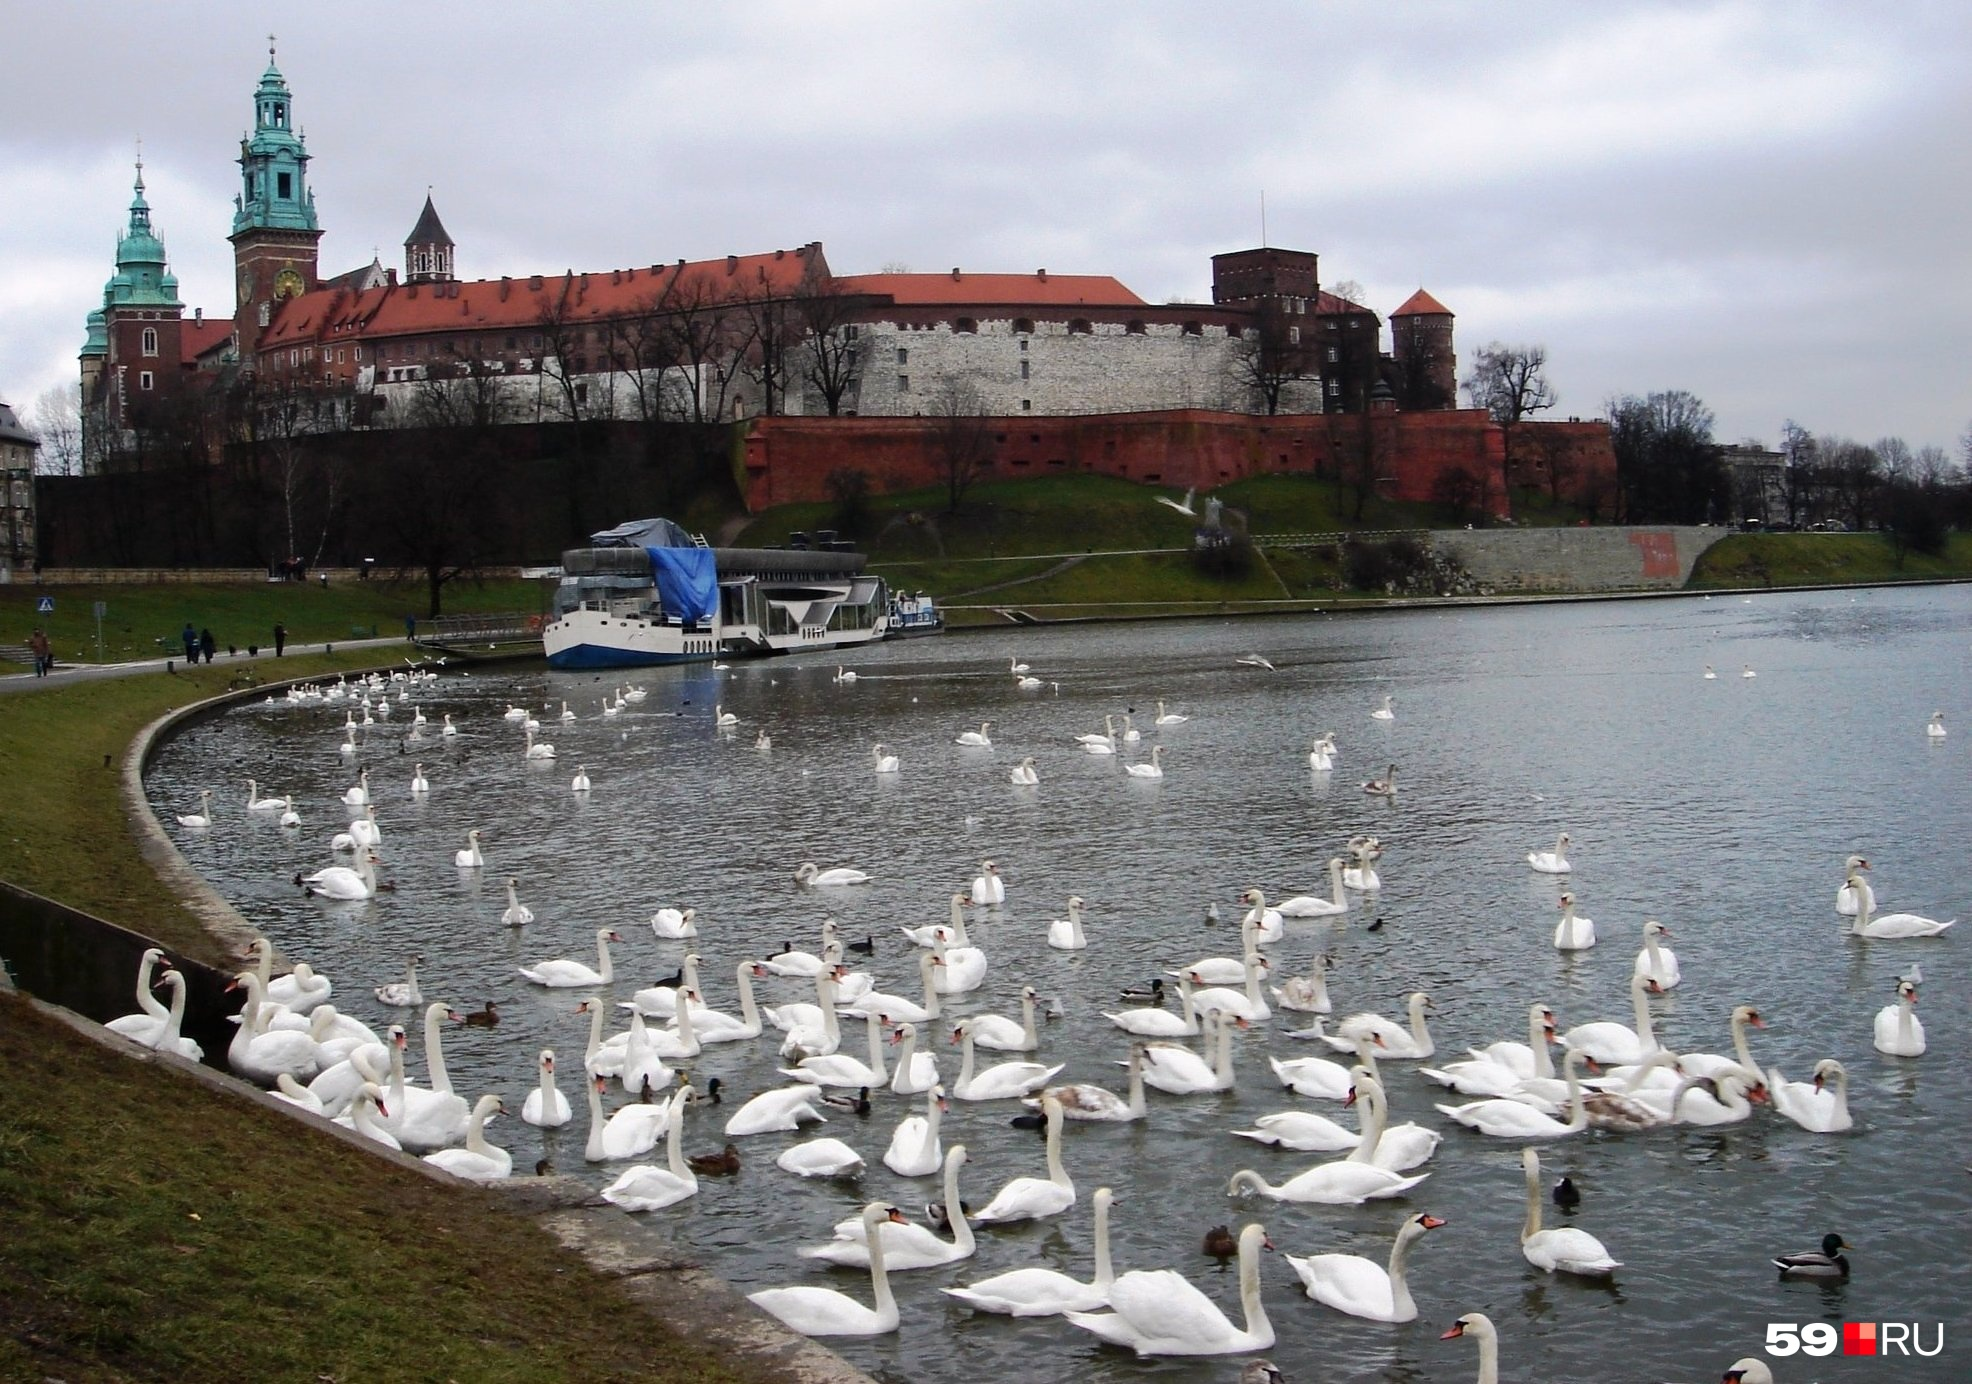 Для поездки в польский Краков потребуется шенгенская виза